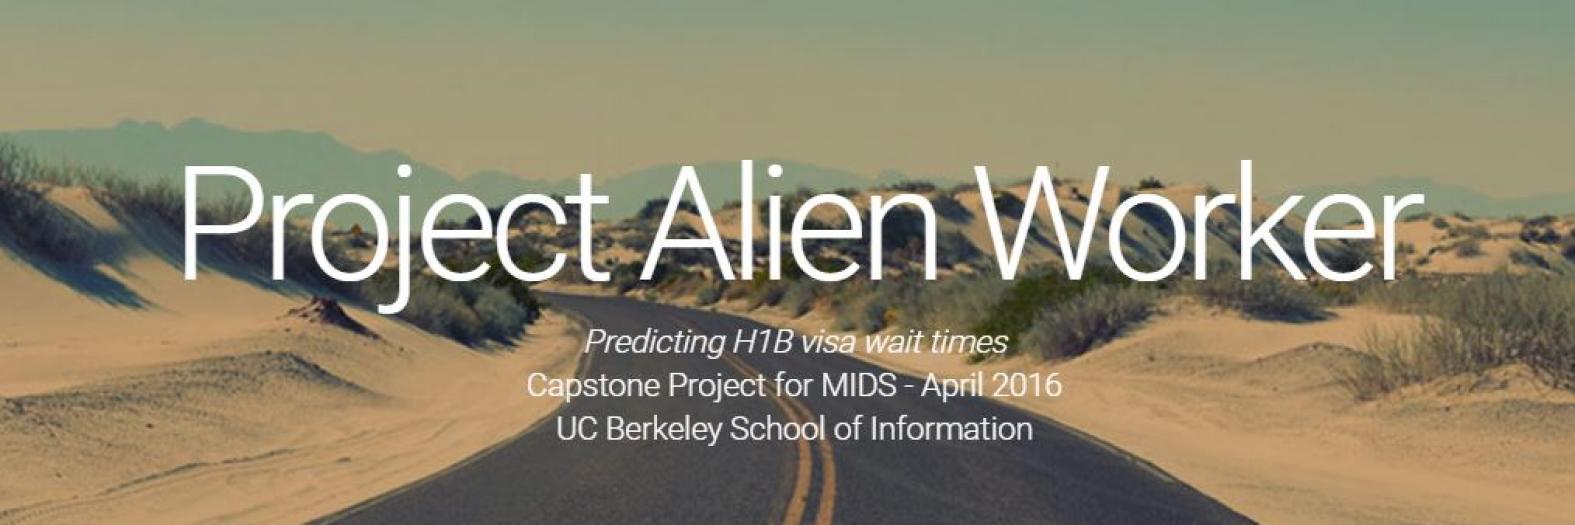 Project Alien Worker